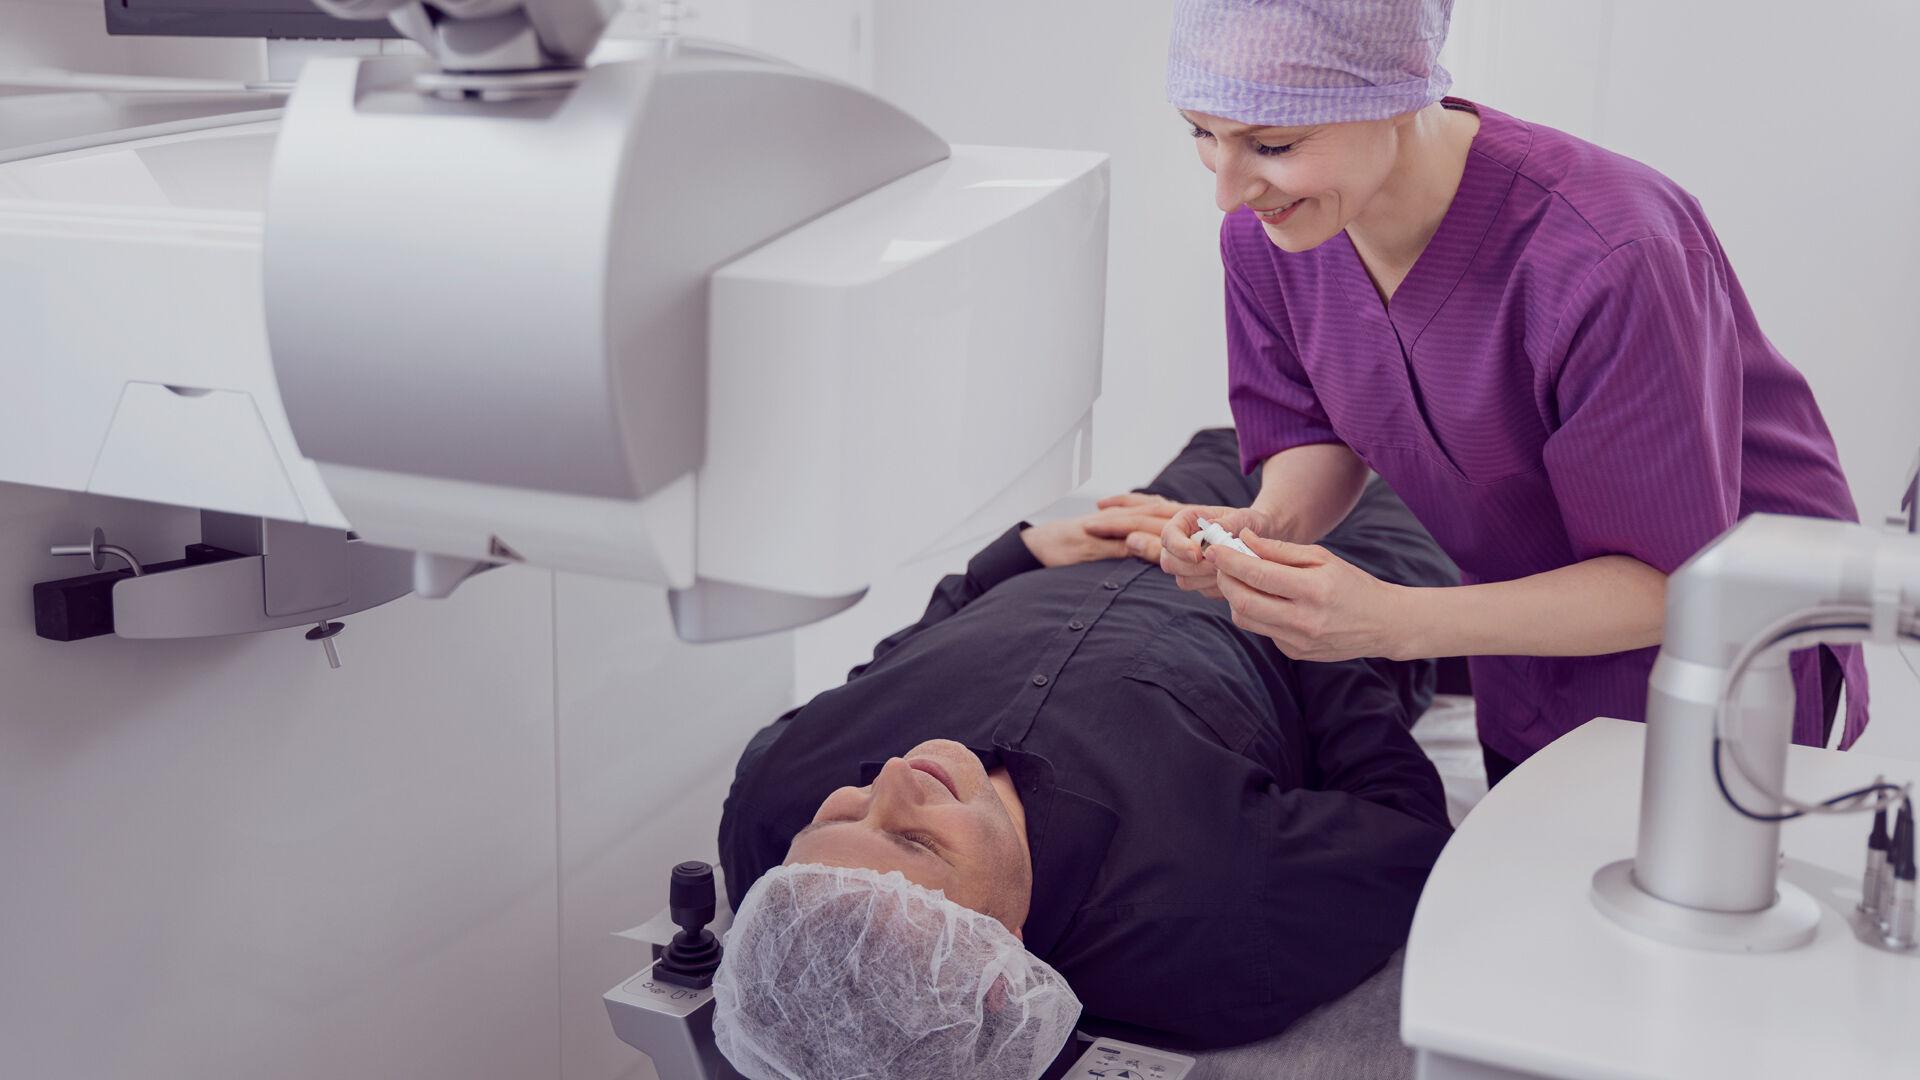 Selätä leikkauspelko: laserleikkaus on nopea ja kivuton